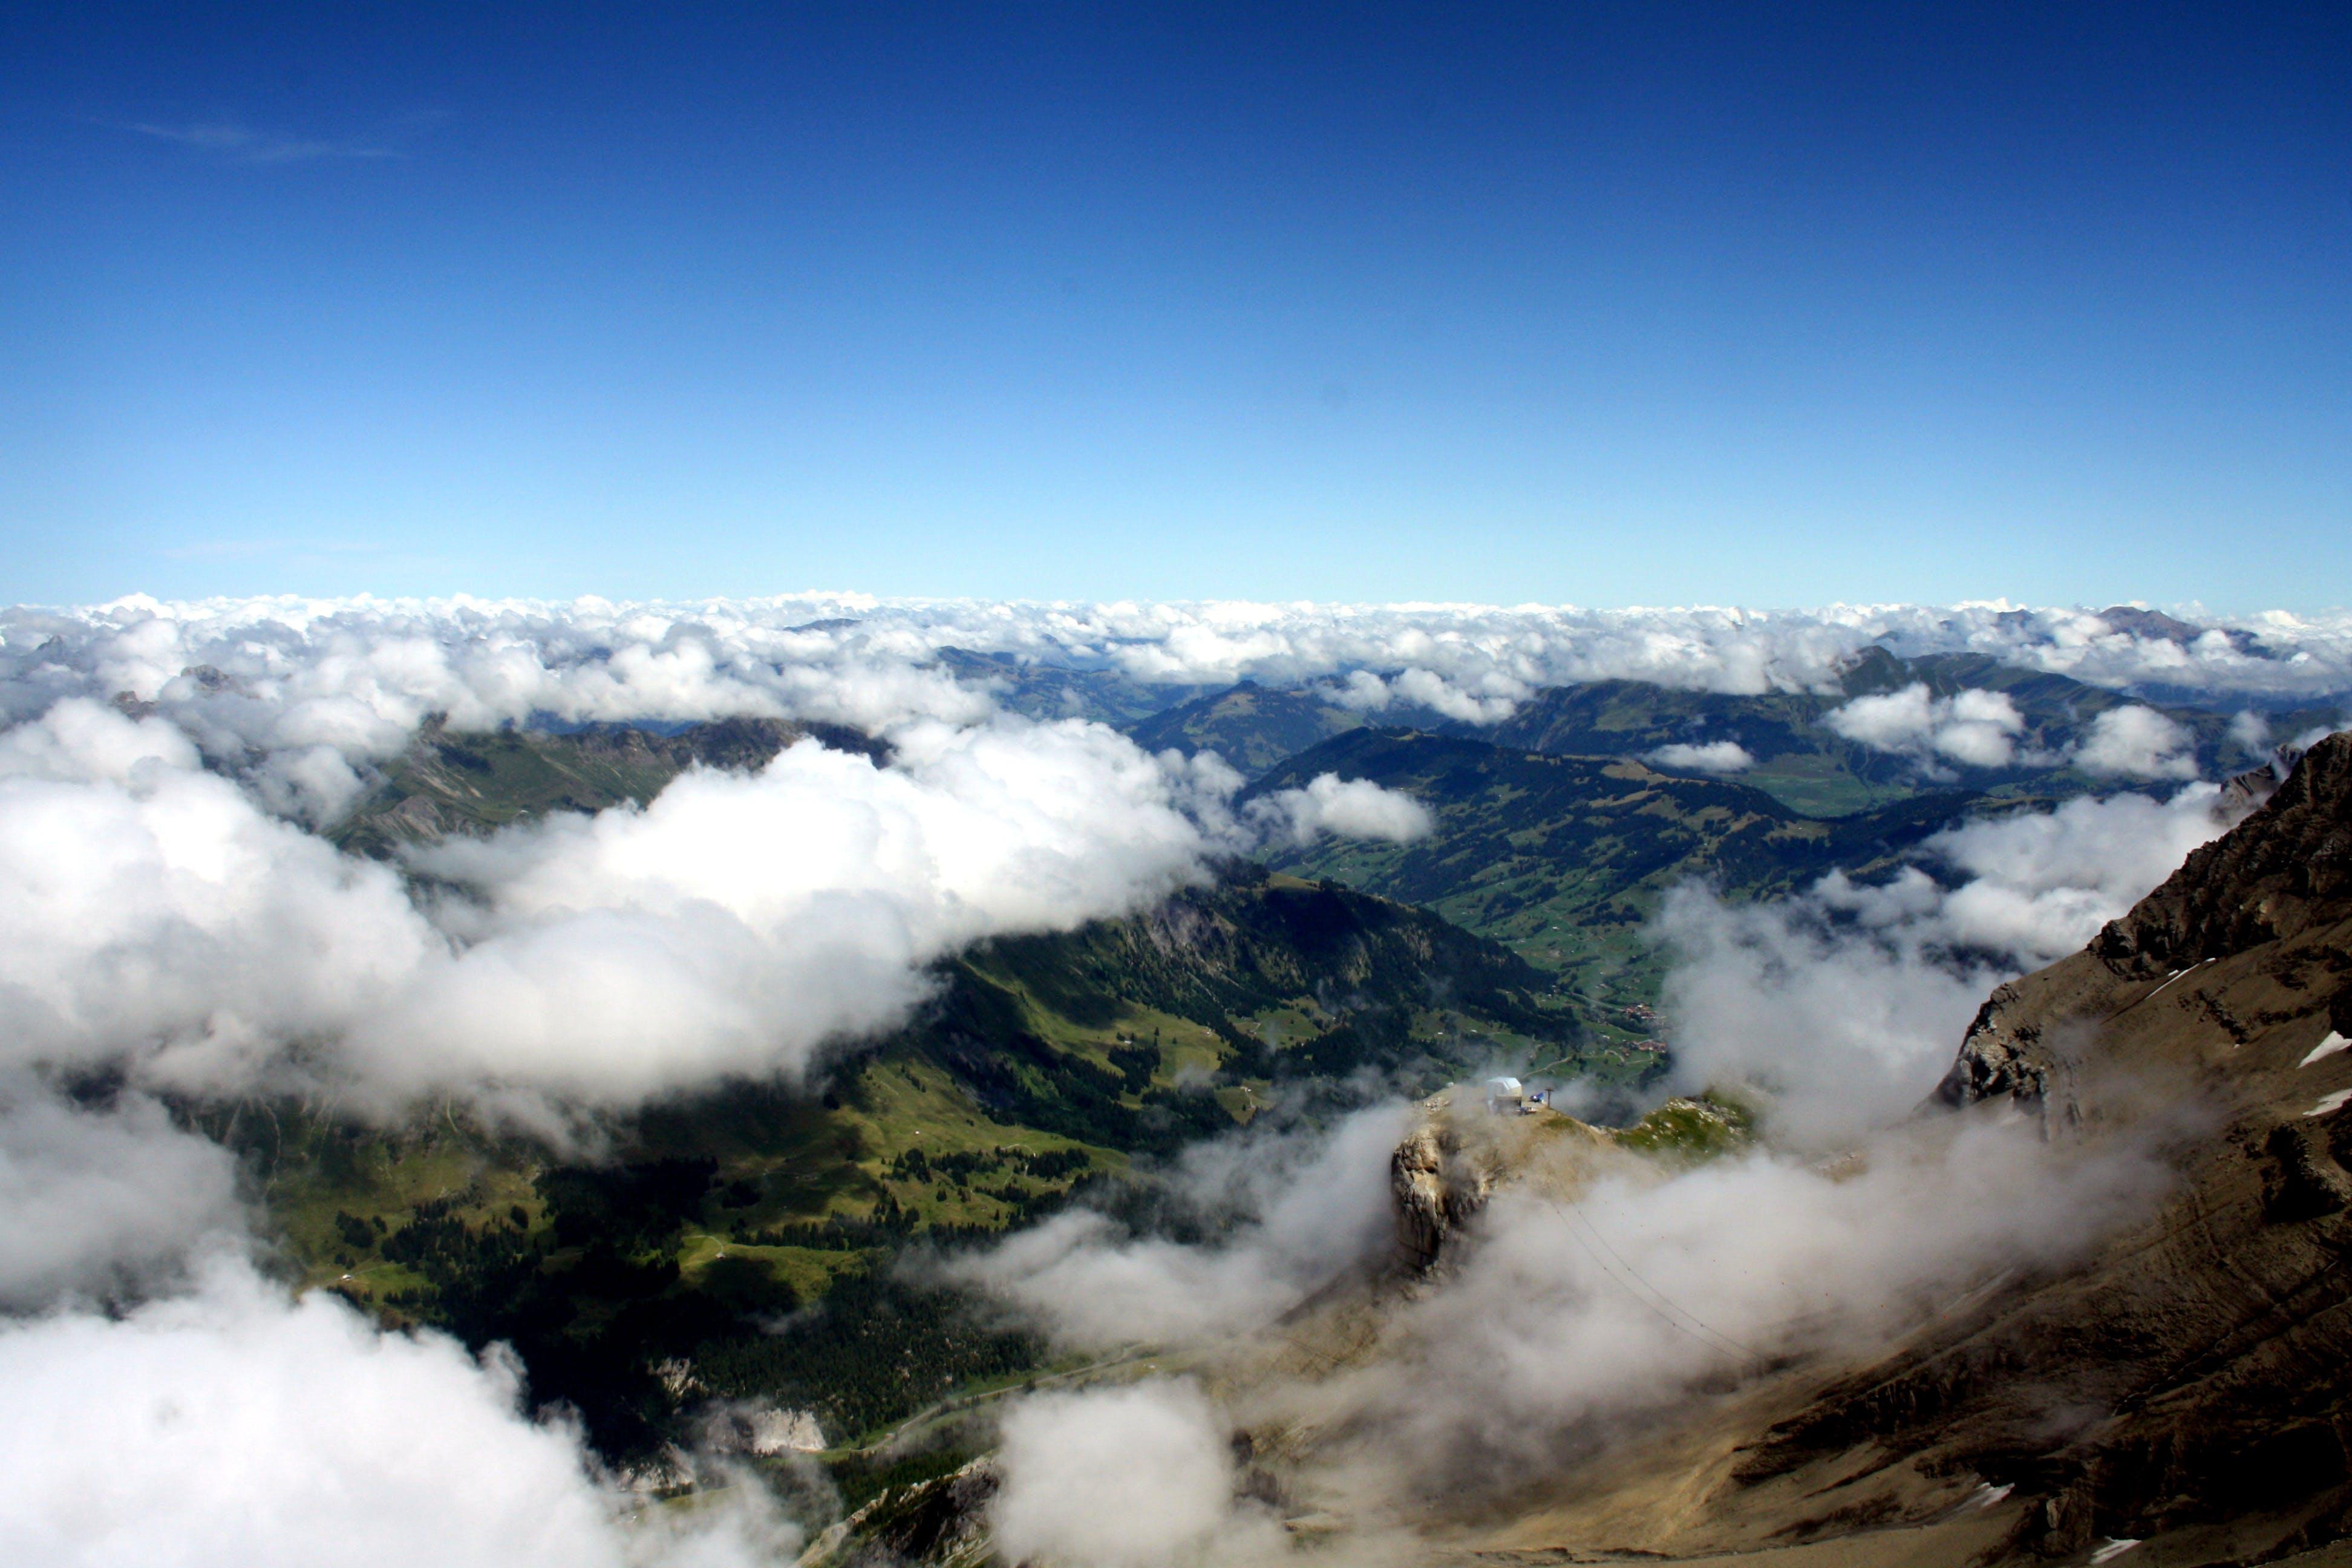 Free stock photo of mountain, nature, snow, snow capped mountain